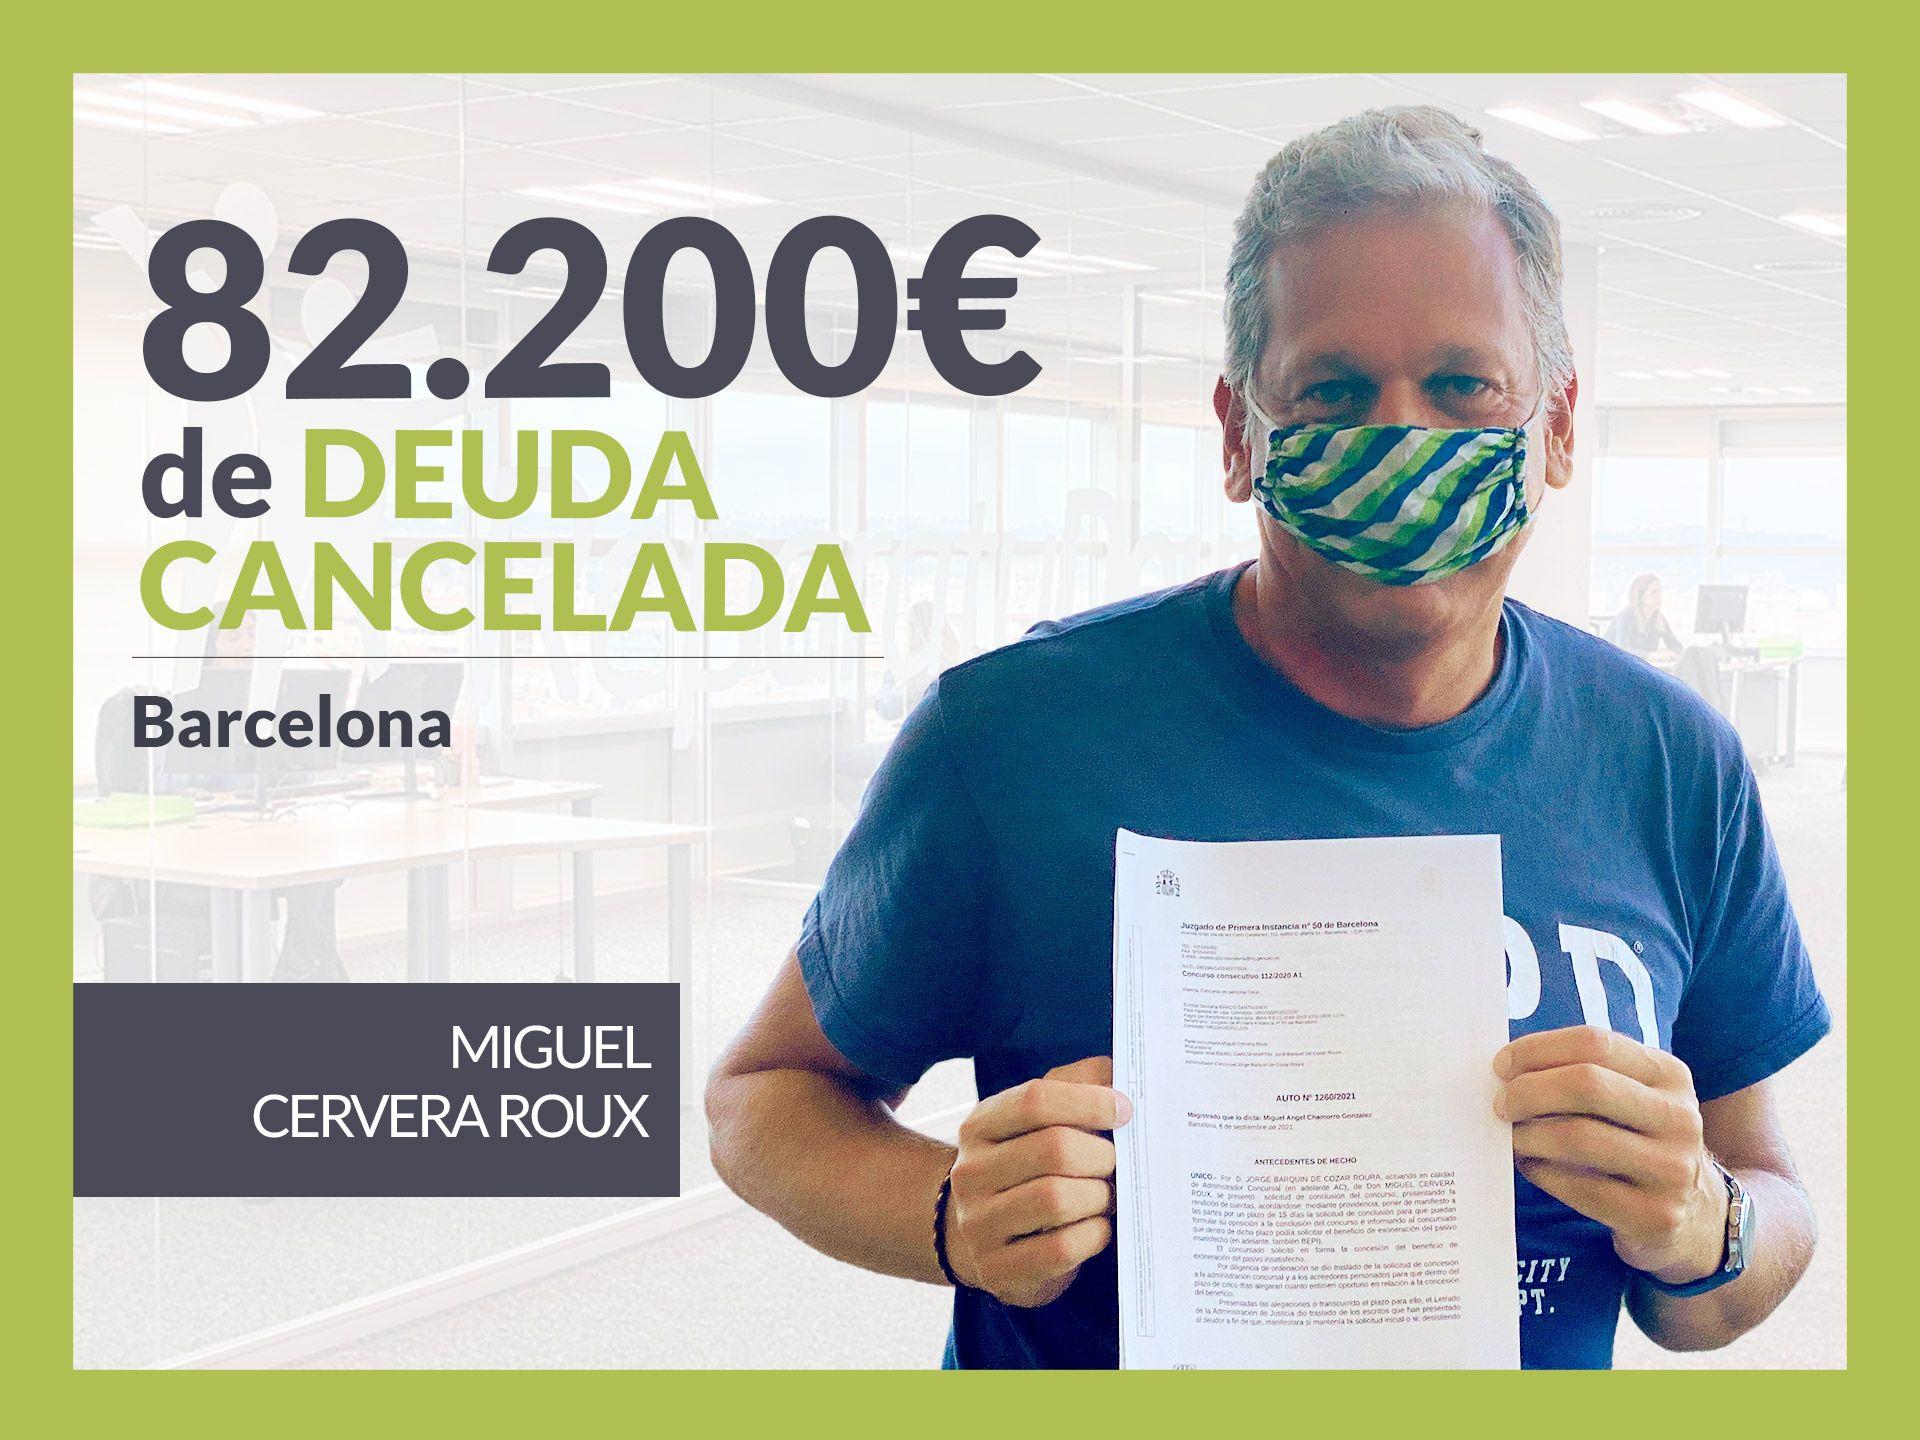 https://static.comunicae.com/photos/notas/1228578/1632138924_REPARAminBEPI_Miguel_Cervera.jpg